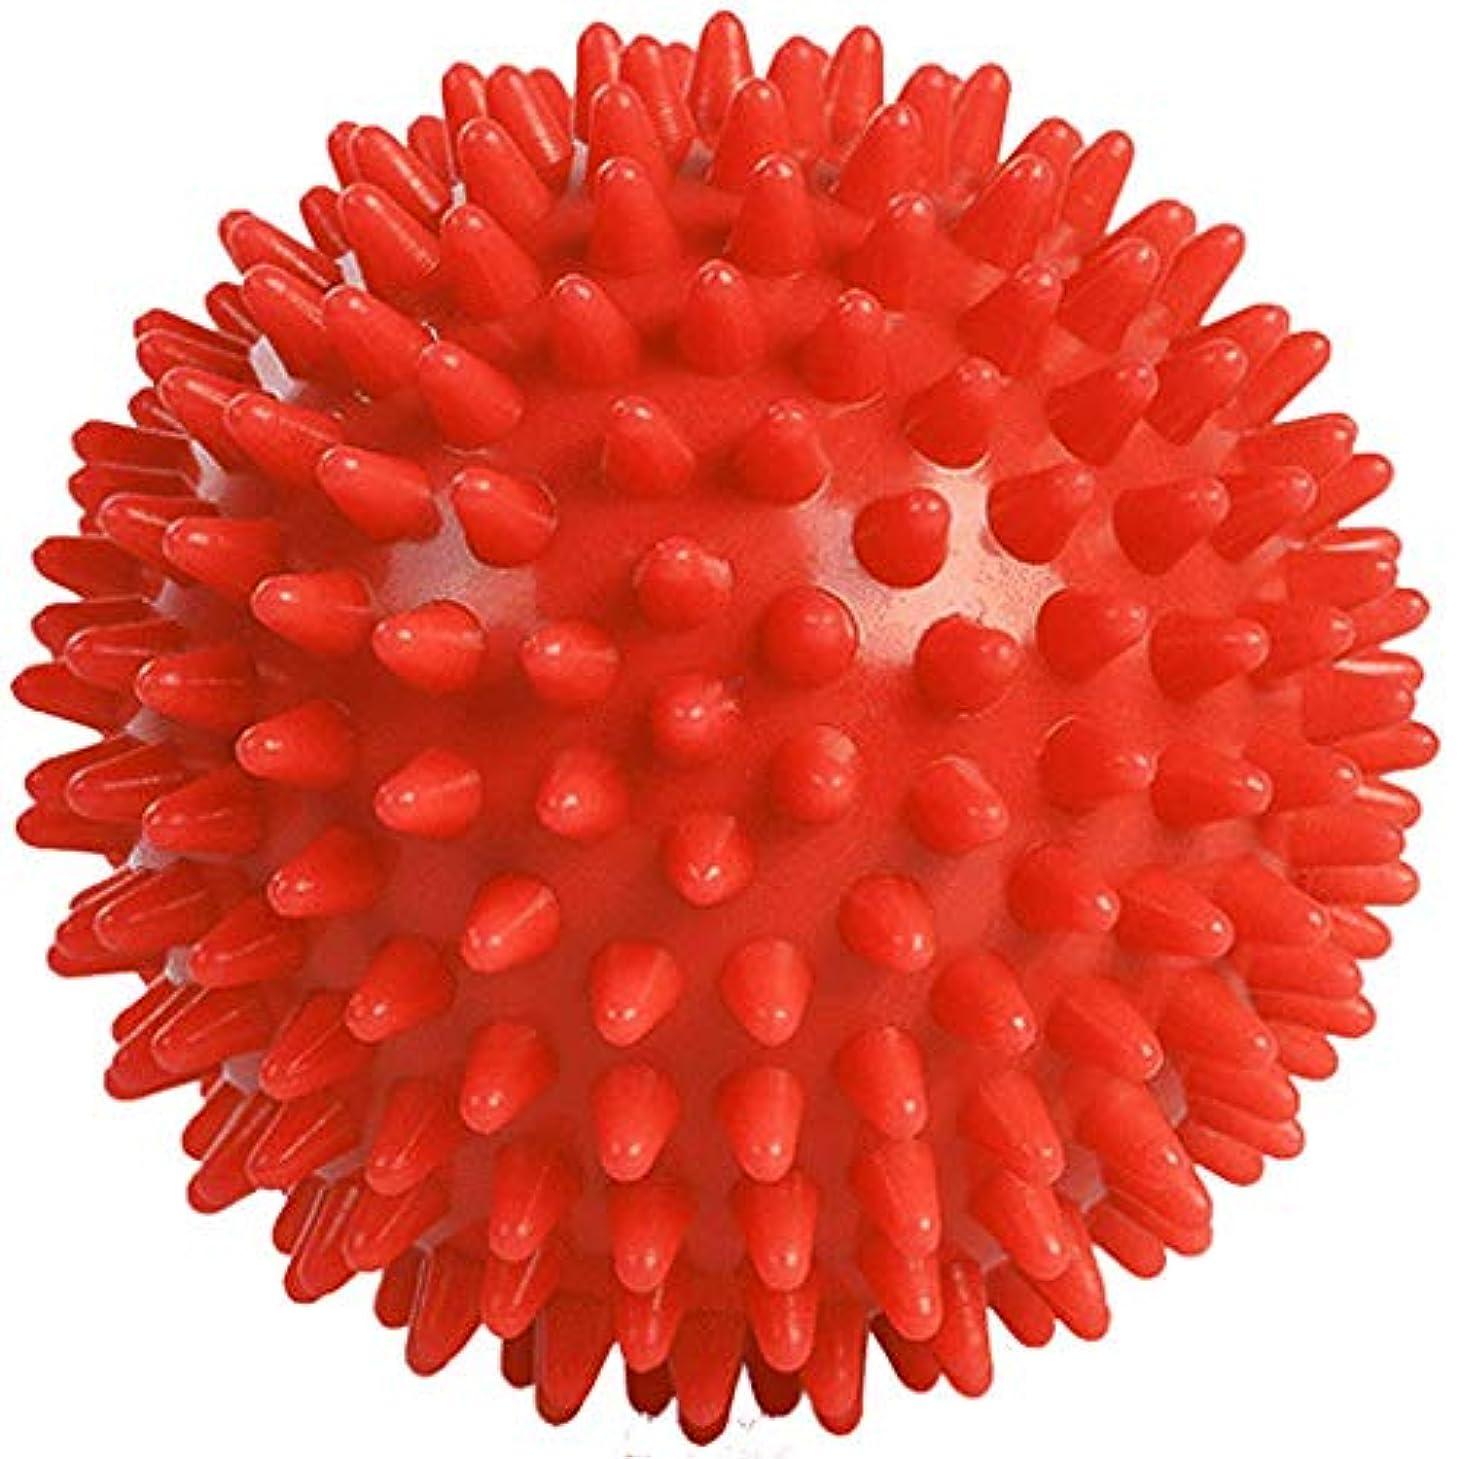 ぎこちない回復有効なuzinby リフレックスボール 触覚ボール 足裏手 背中のマッサージボール リハビリ マッサージ用 血液循環促進 筋肉緊張 圧迫で解きほぐす